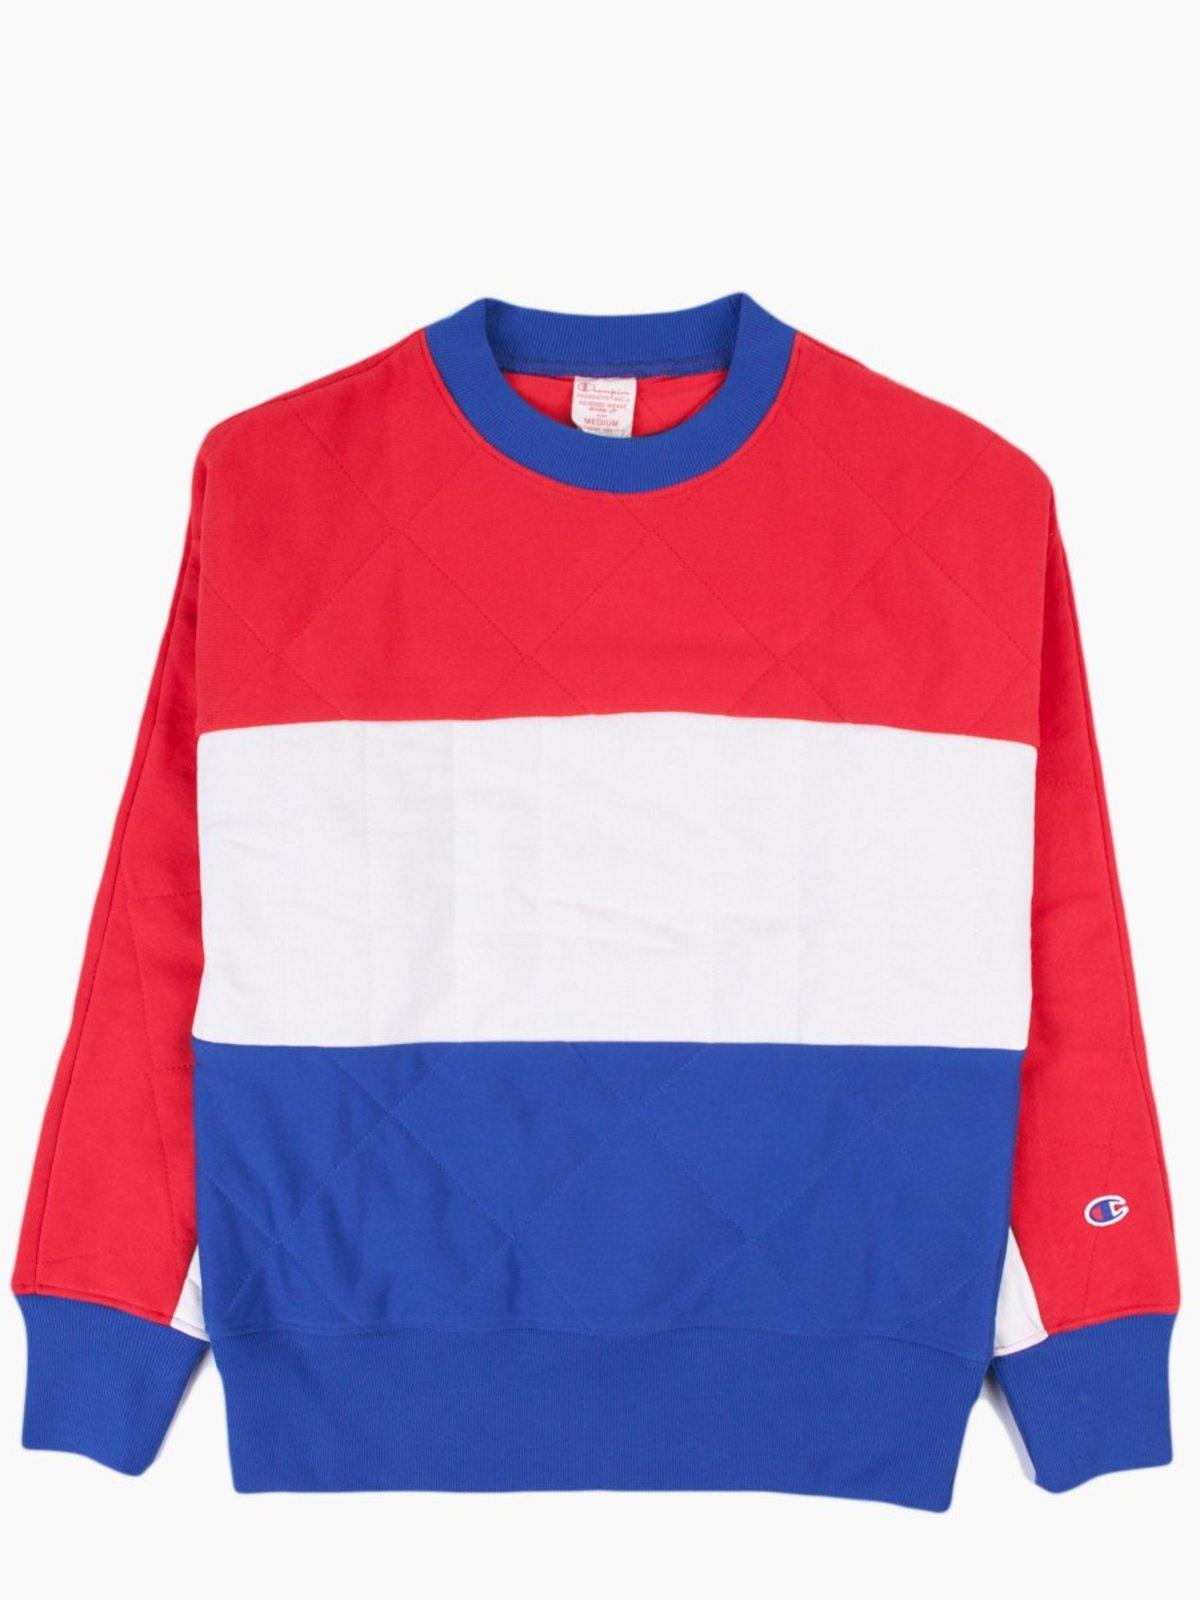 269c82af Champion Reverse Weave Tri-Colour Quilted Crewneck Sweatshirt ...